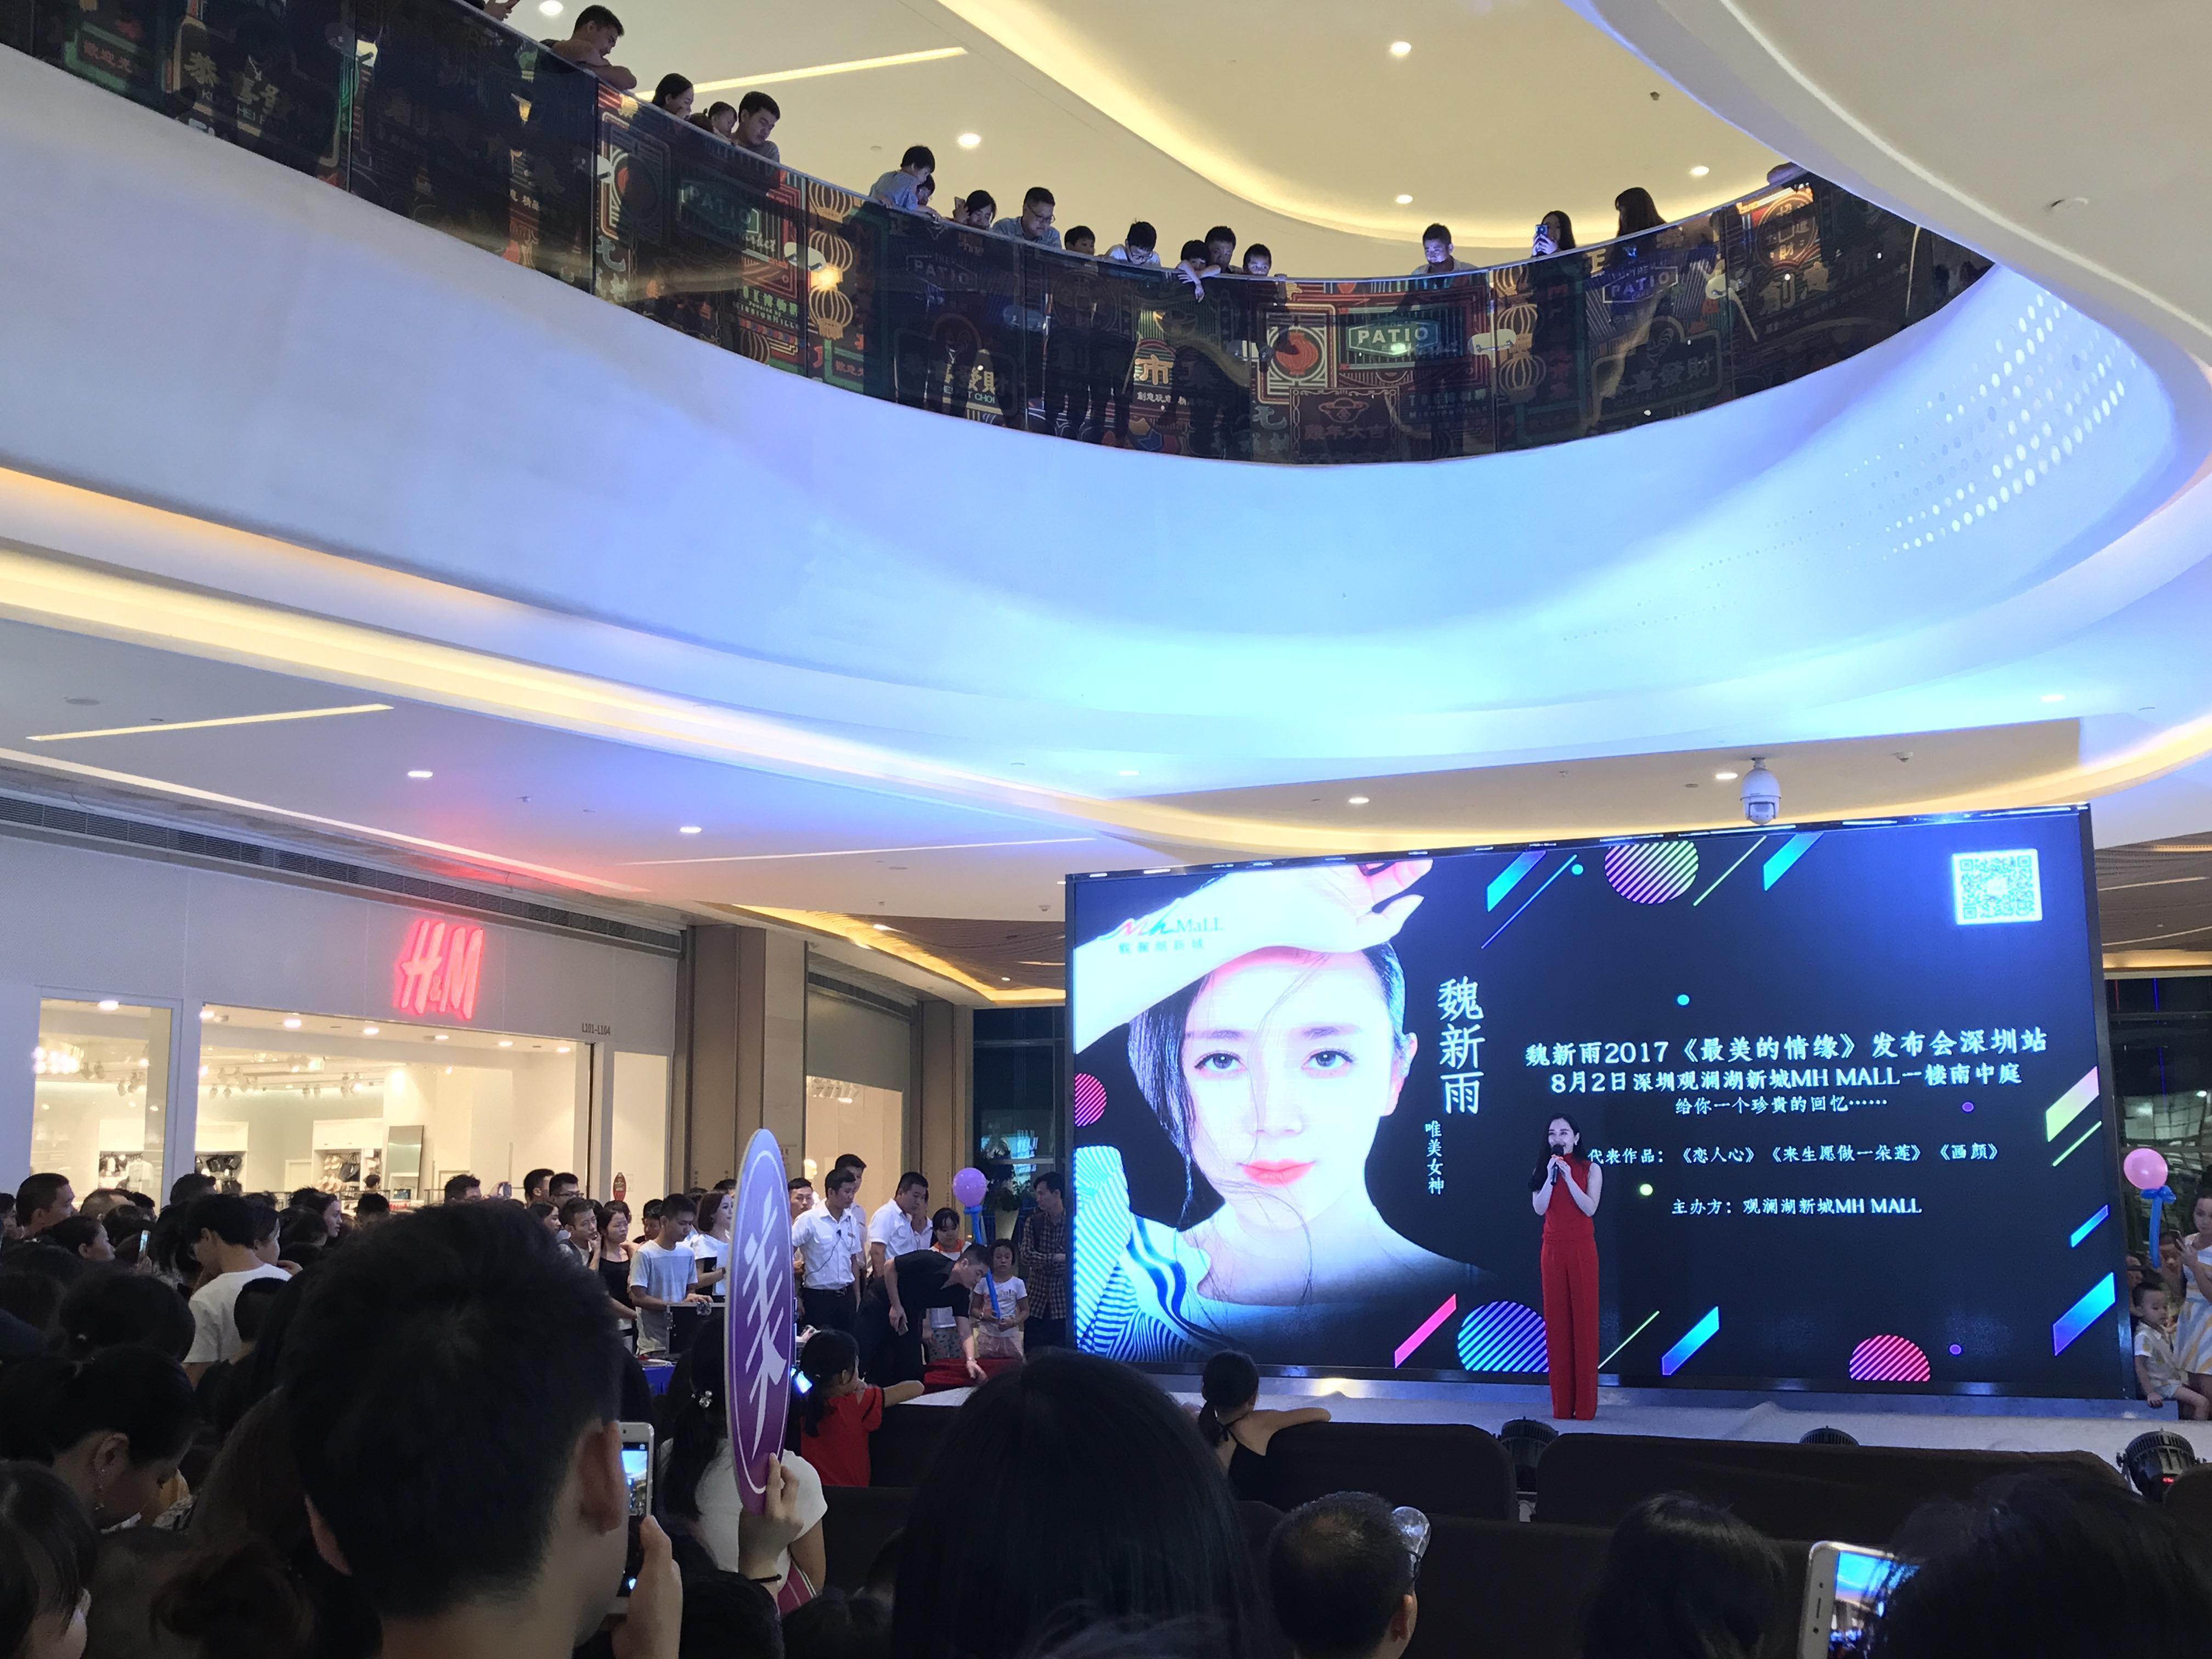 魏新雨《最美的情缘》新歌深圳发布会圆满落幕